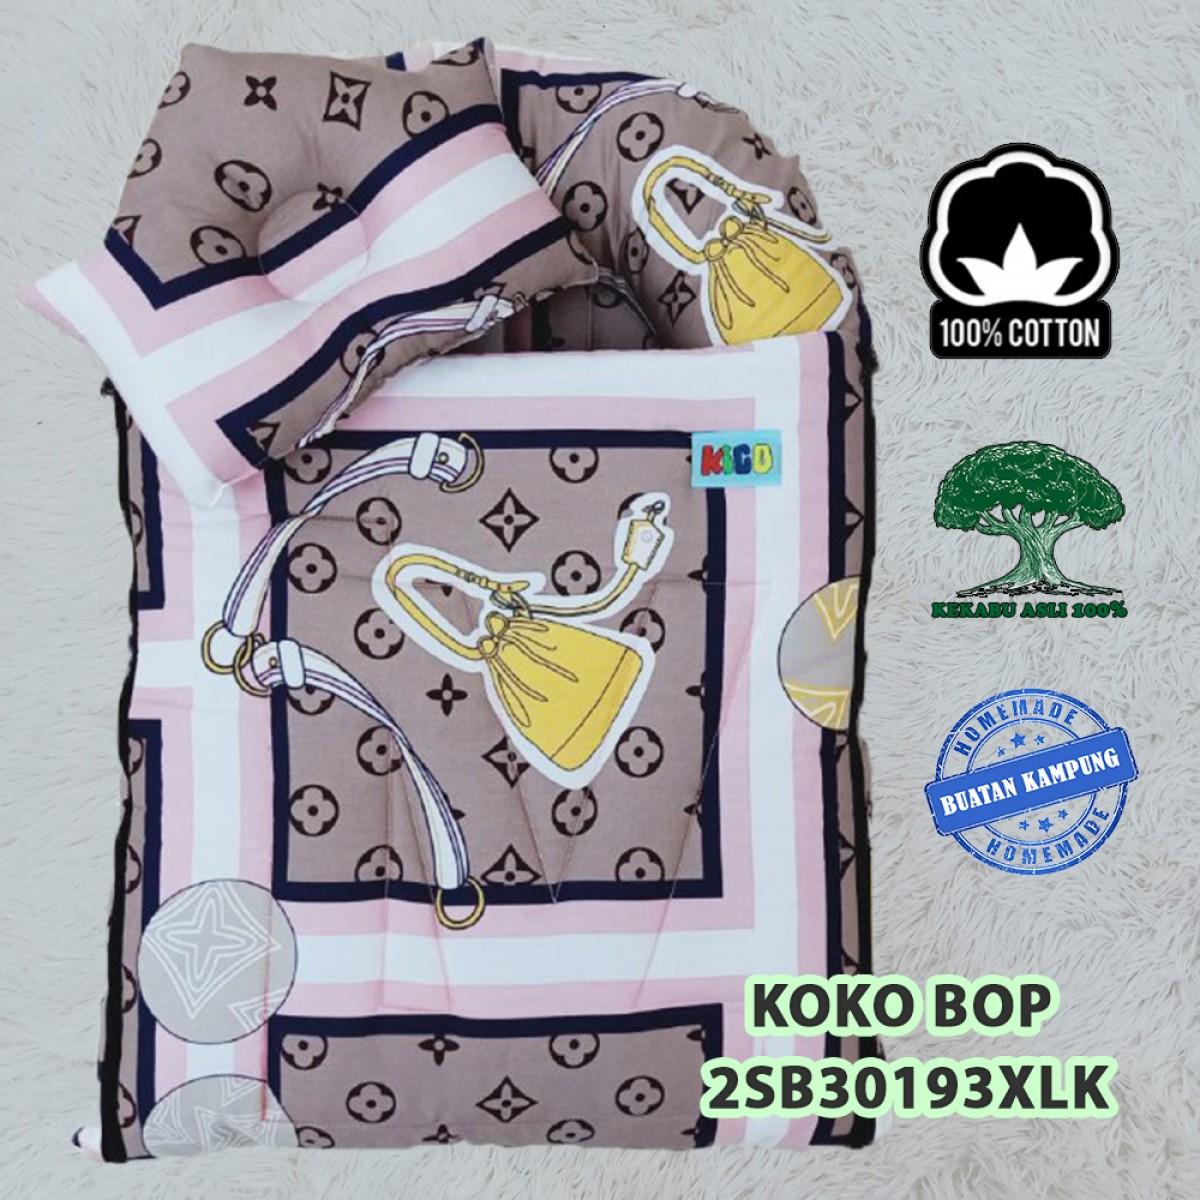 Koko Bop - Kico Baby Center